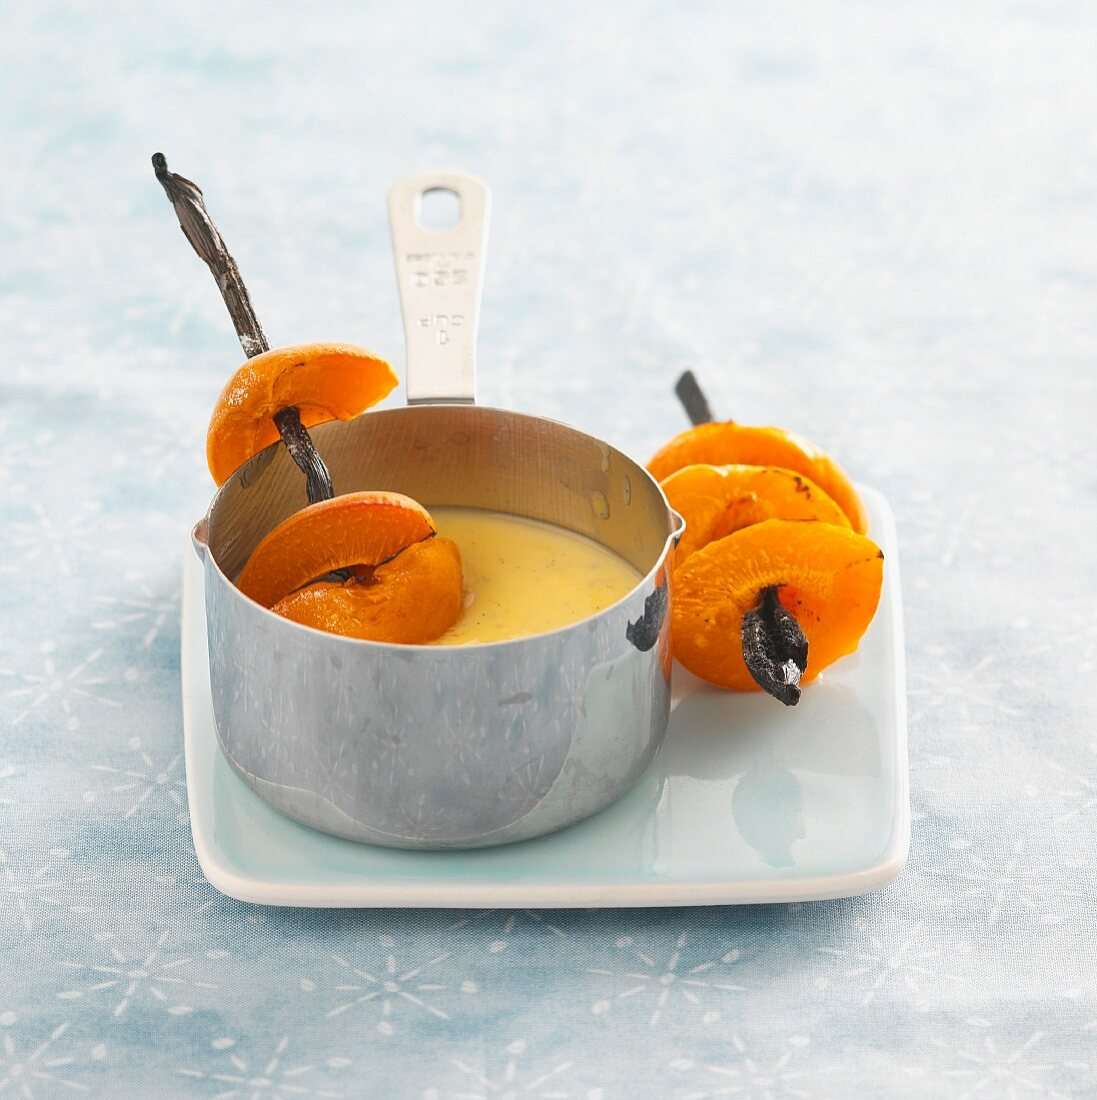 Aprikosenspiesse mit Vanillesauce